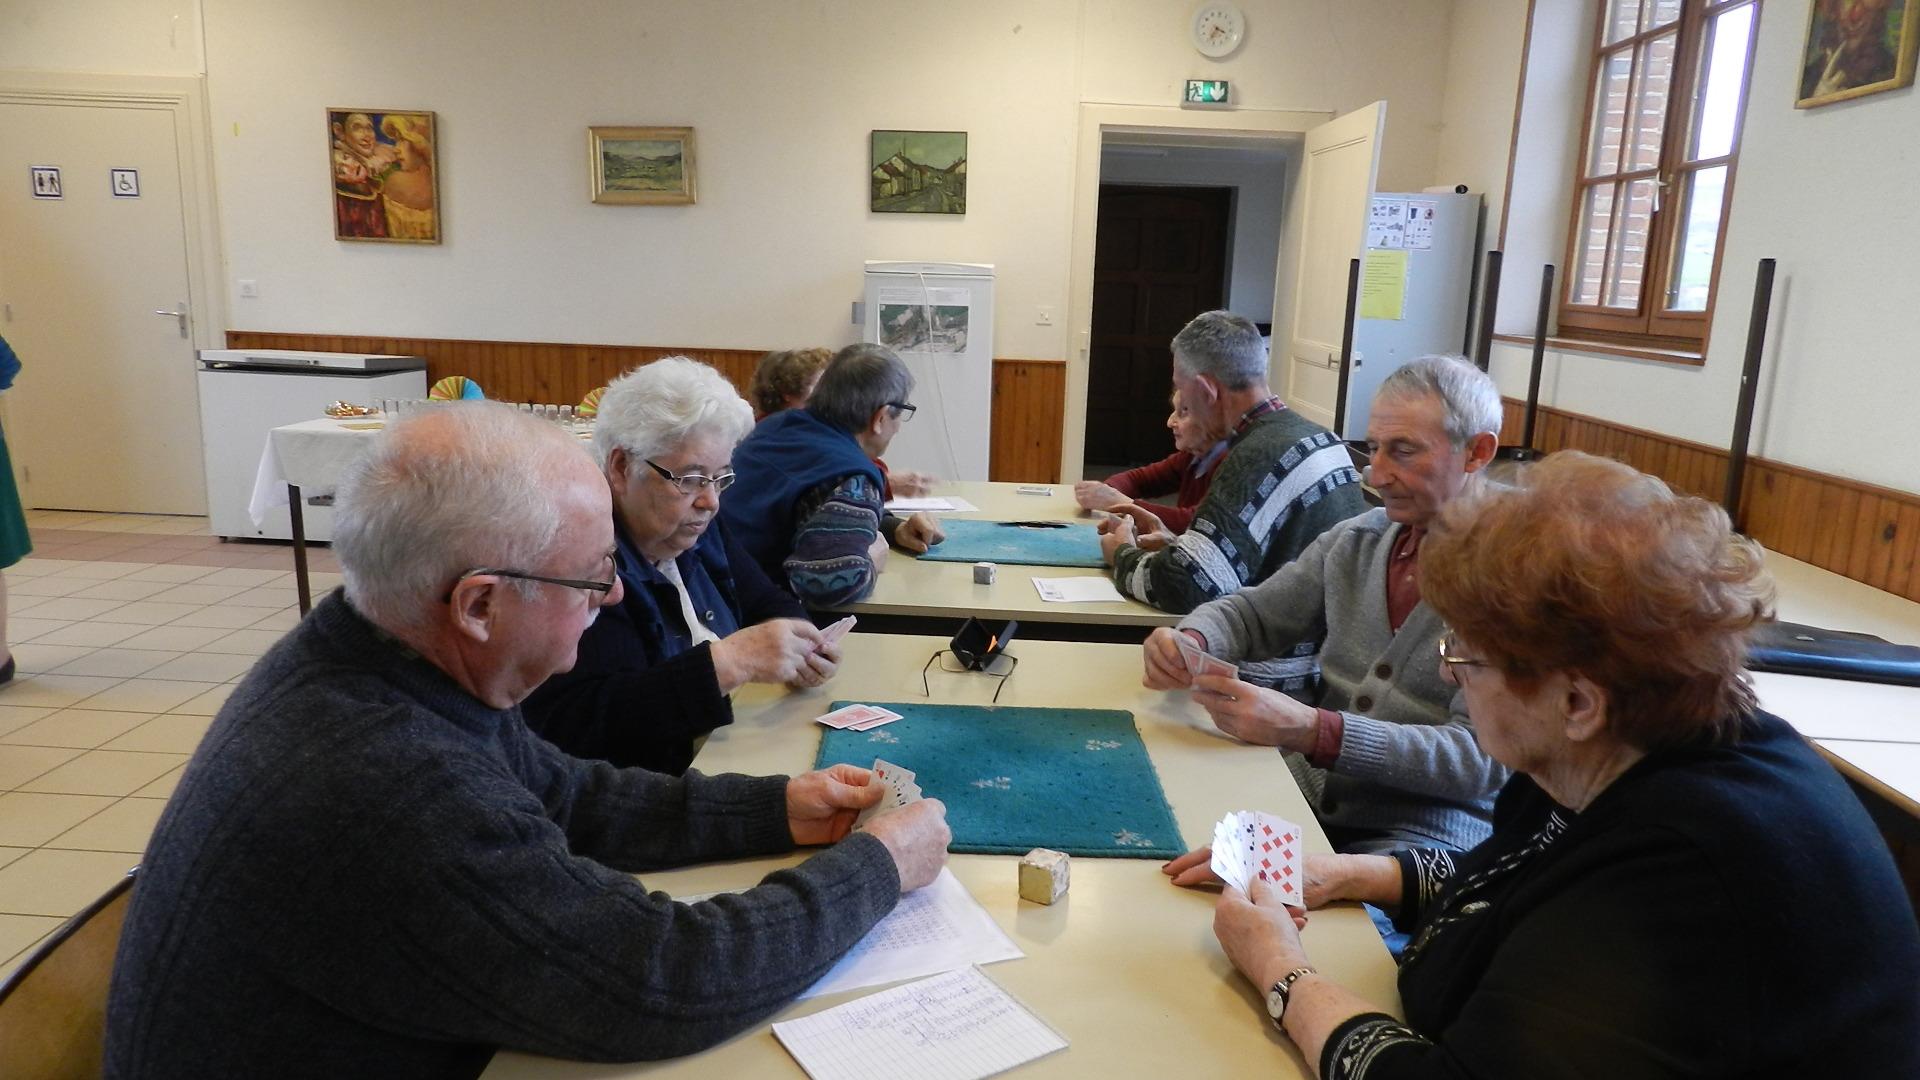 Les adhérents de l'association se retrouvent tous les jeudis après midi dans la salle communale de La Chapelle-Monthodon.